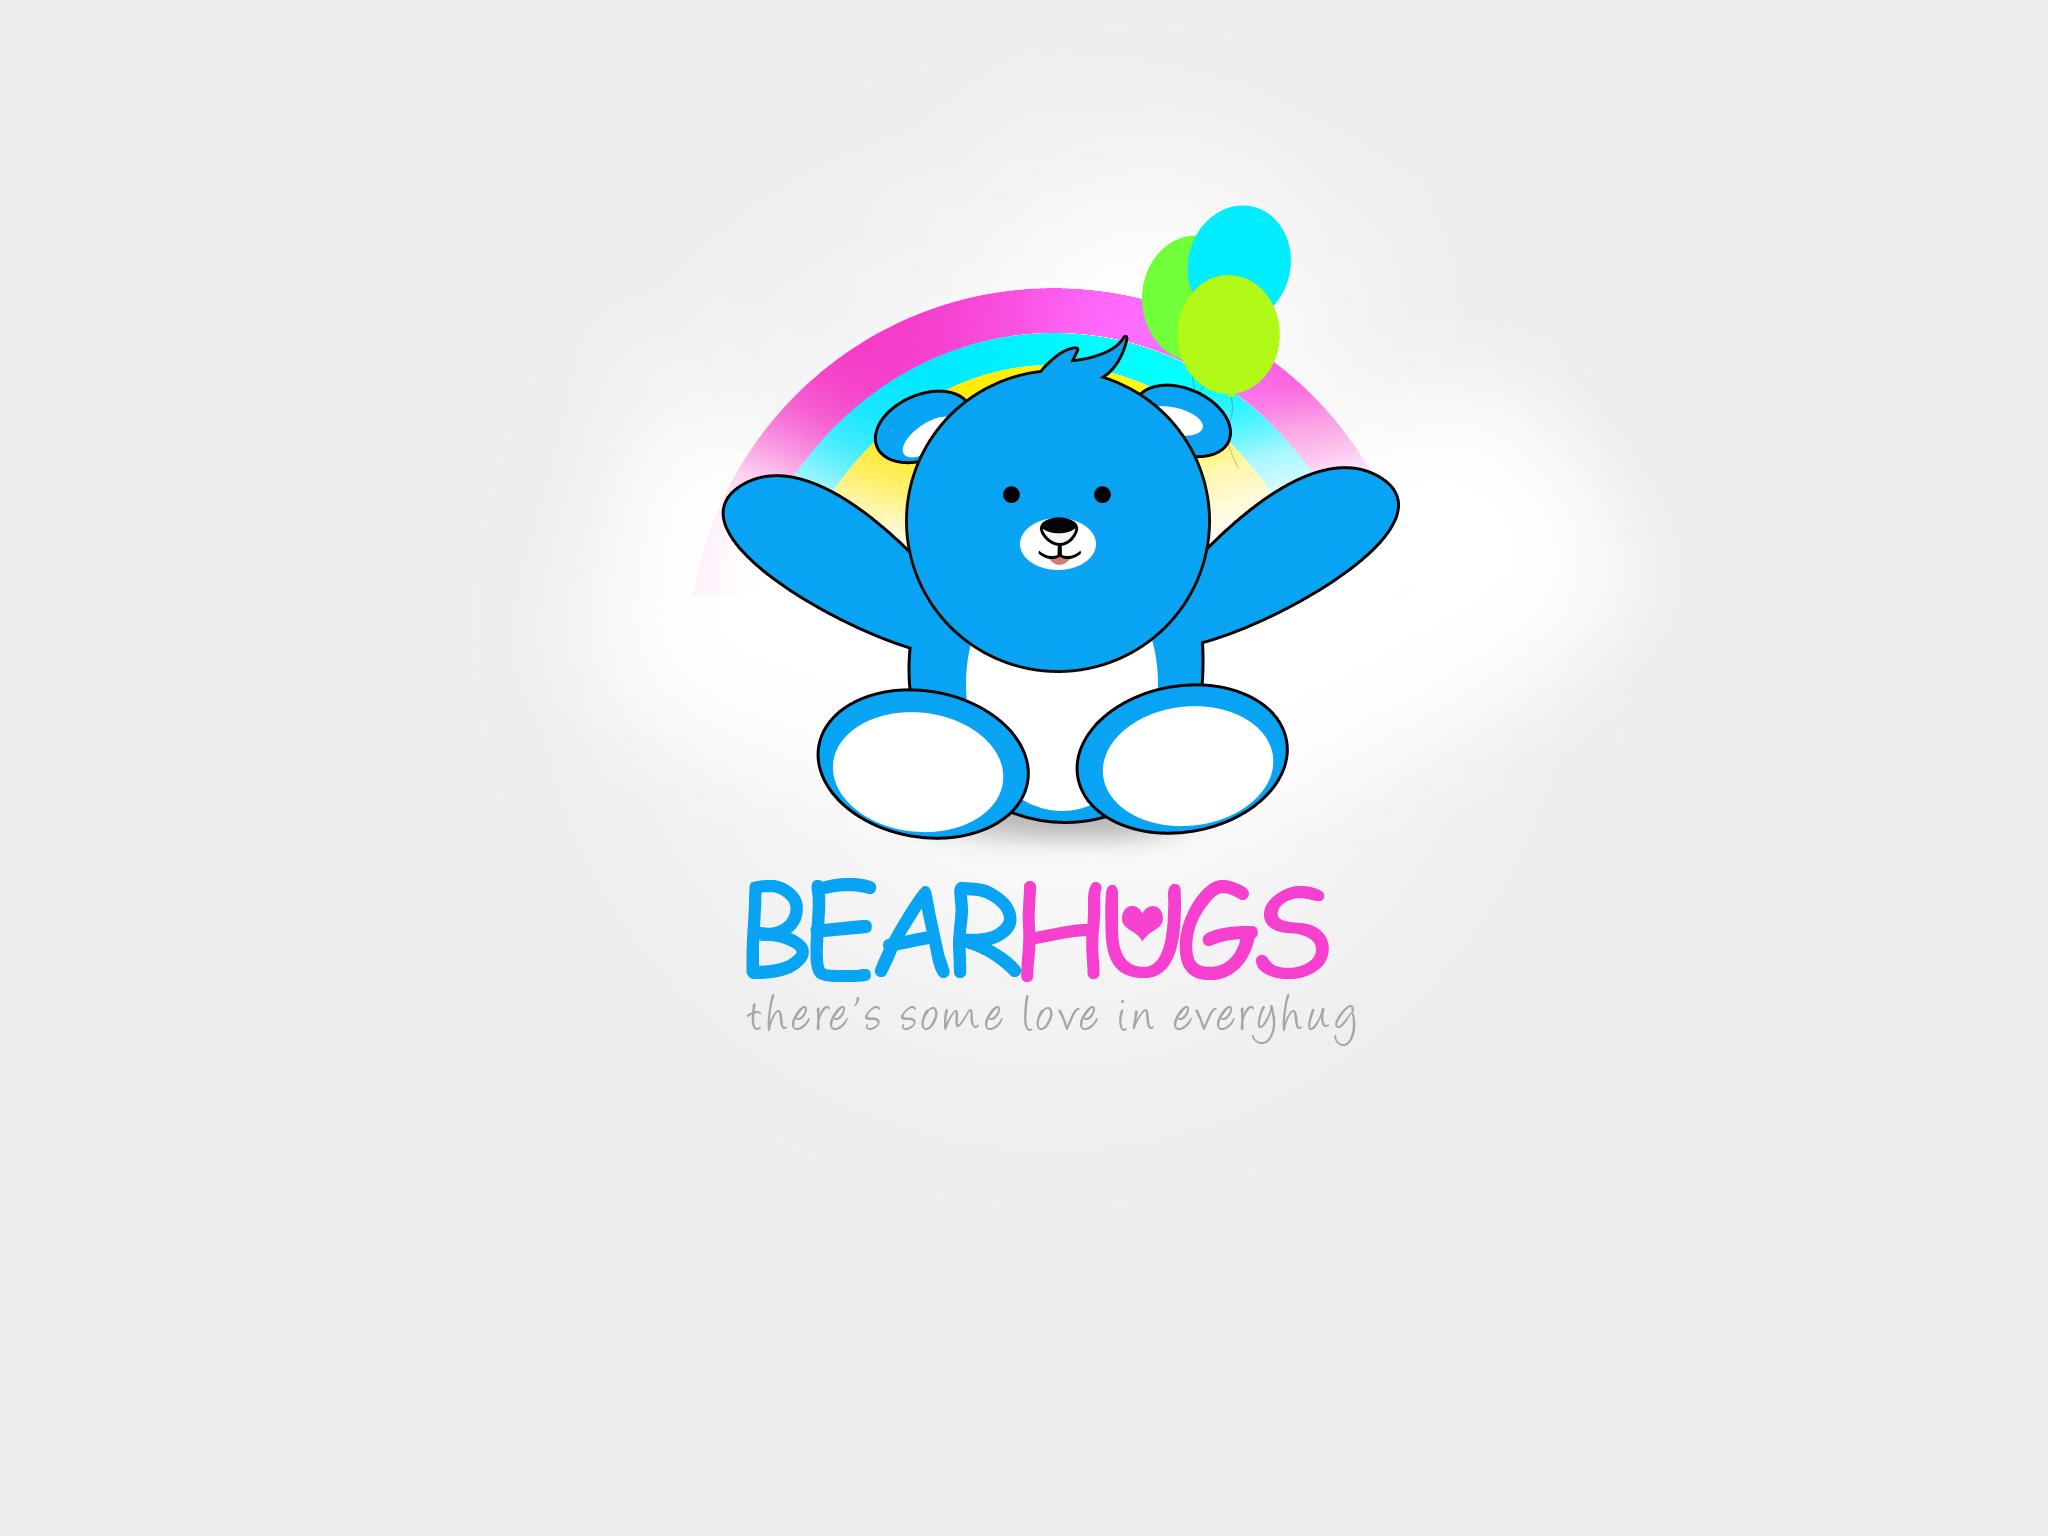 Logo Design by Jan Chua - Entry No. 28 in the Logo Design Contest Inspiring Logo Design for BearHugs.